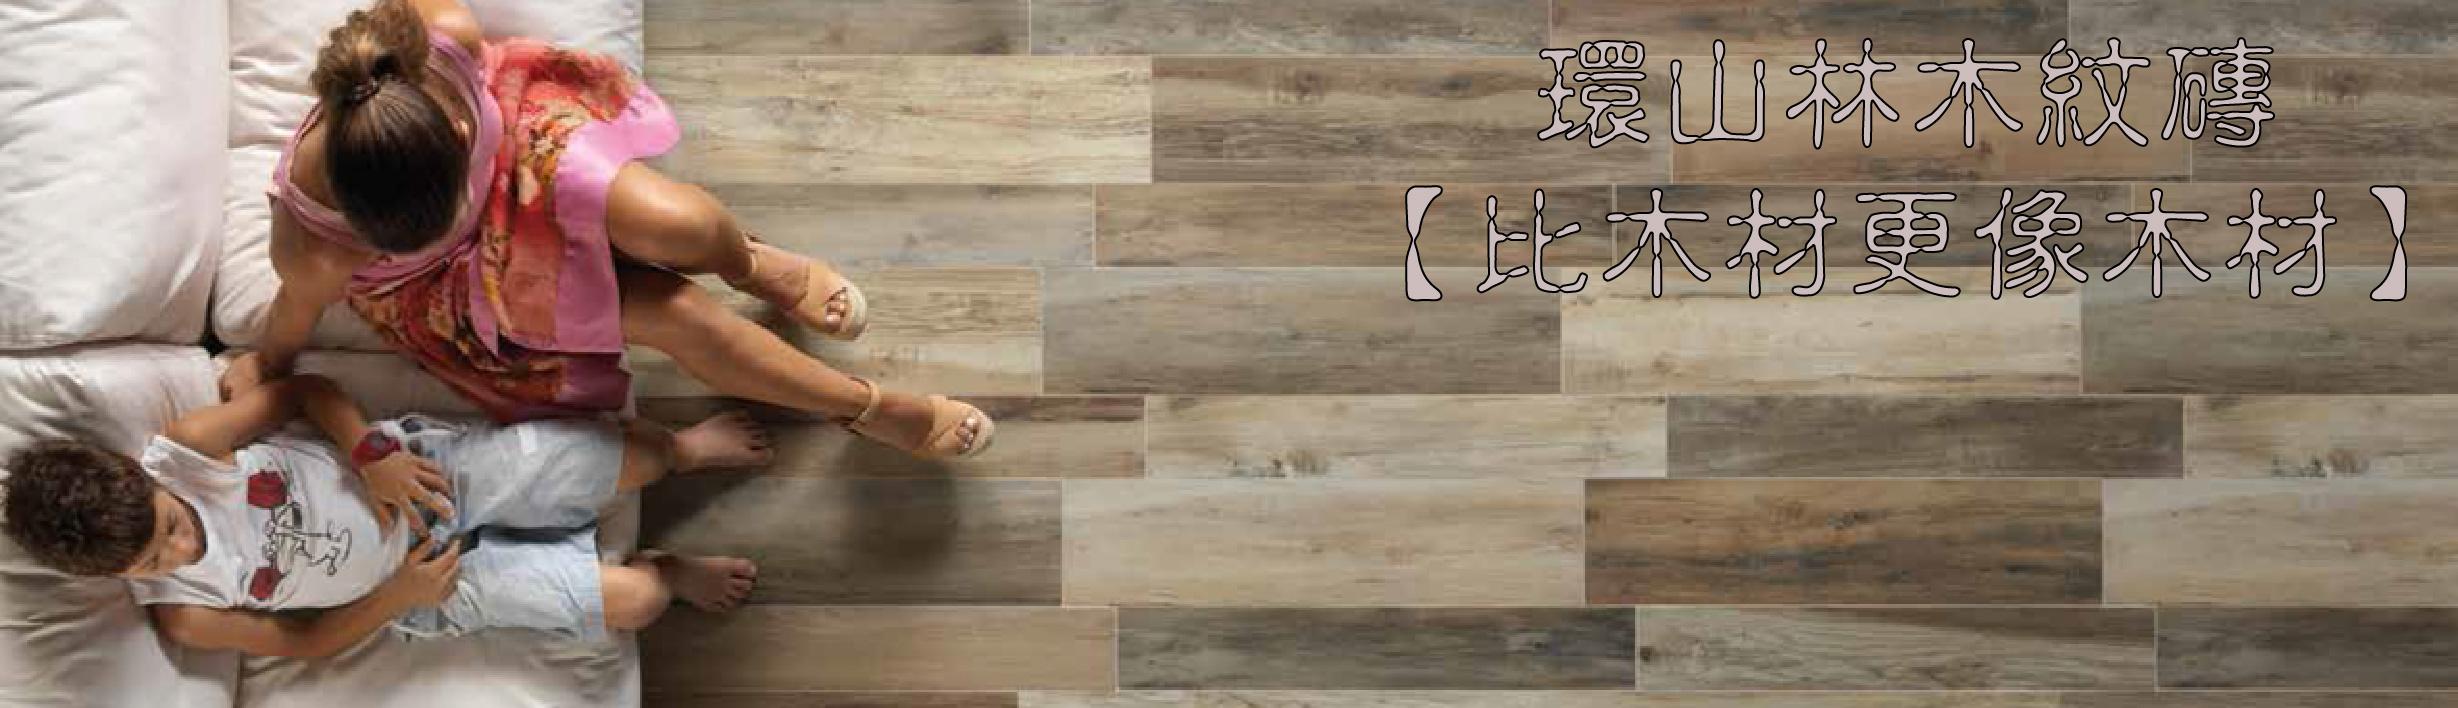 環山林木紋磚 【比木材更像木材】